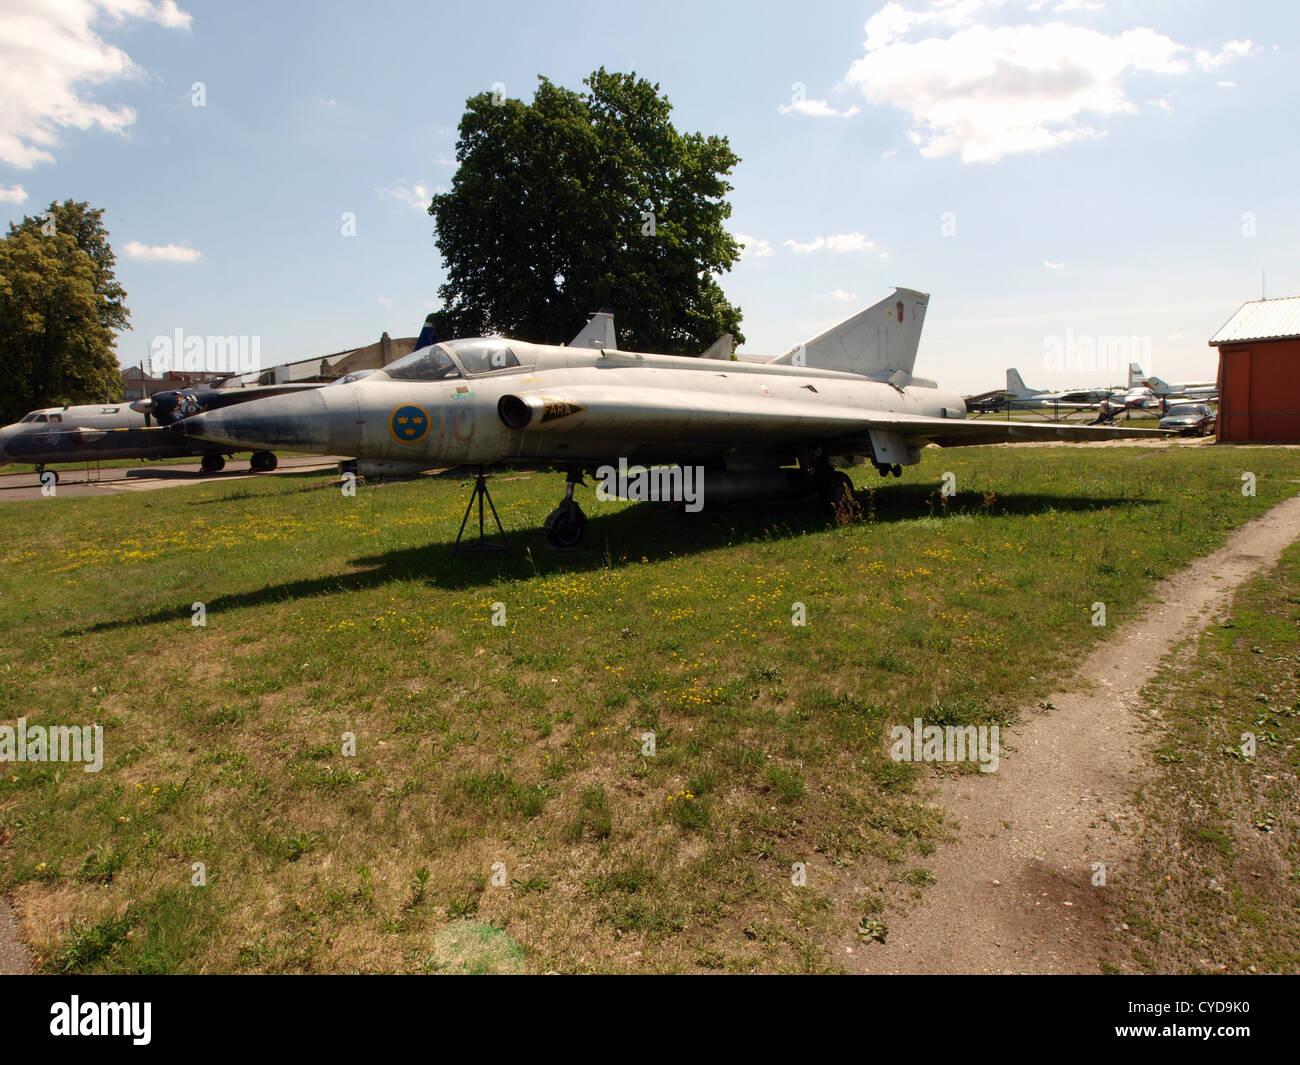 Saab Draken - Stock Image